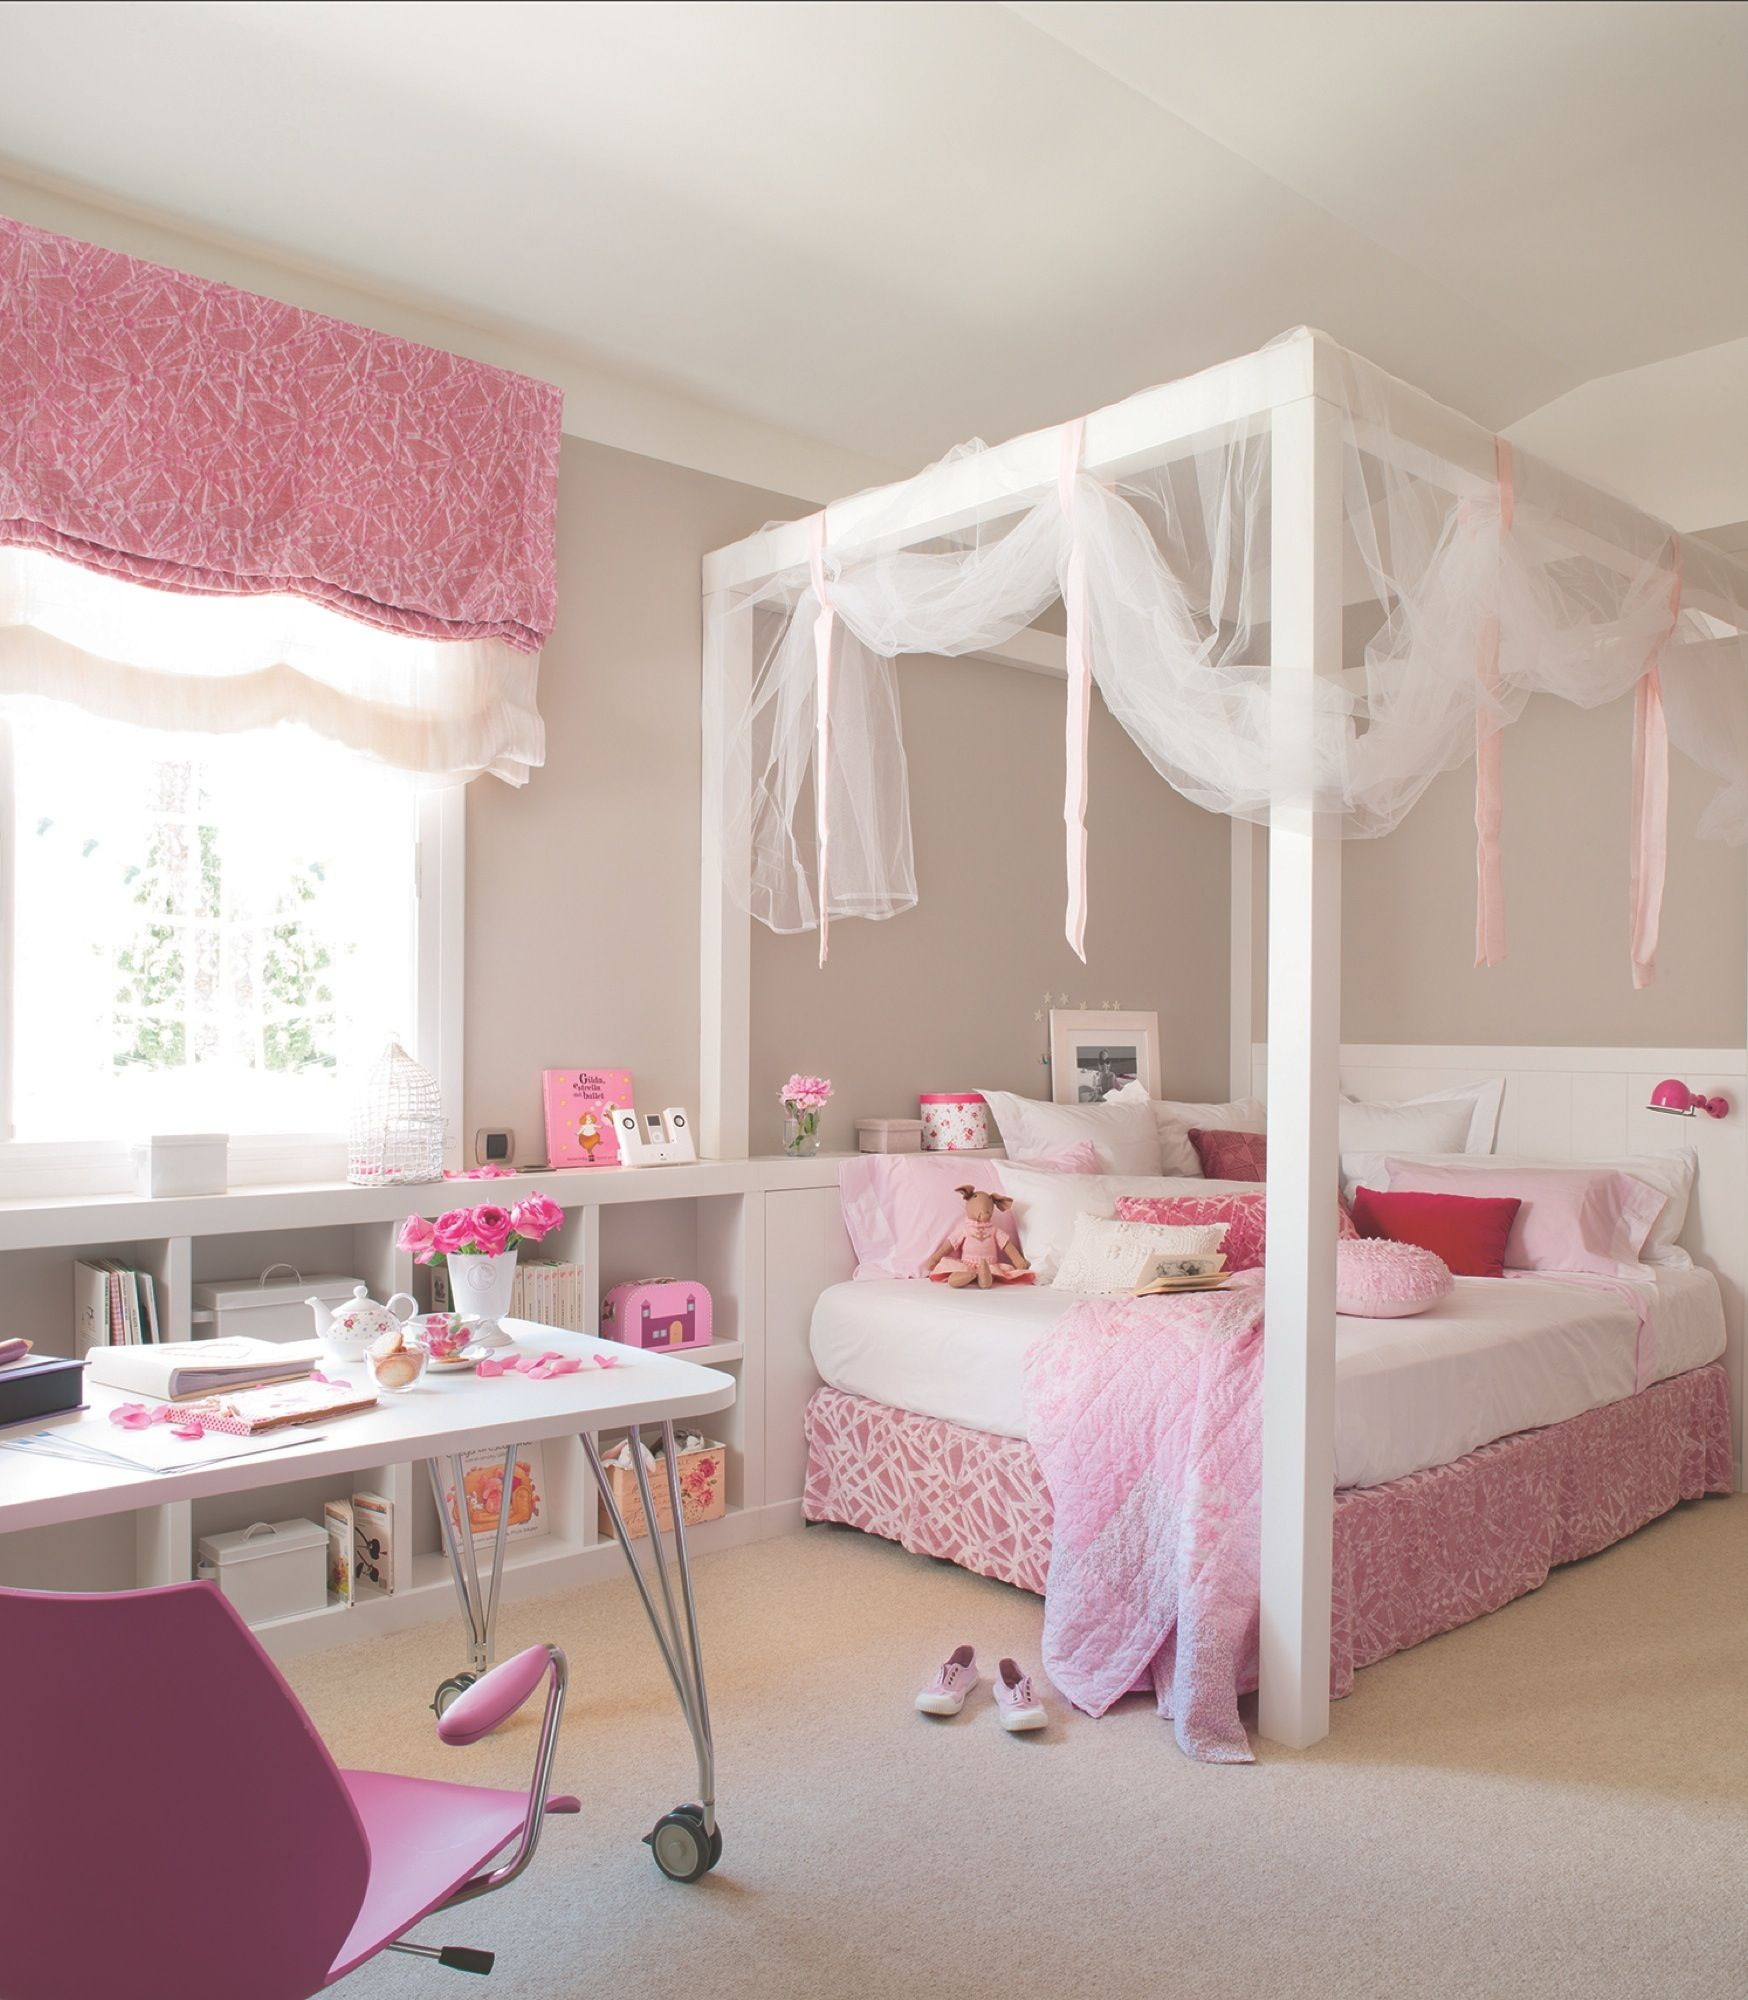 Ya soy mayor ideas para el hogar pinterest - Decoracion habitacion de nina ...